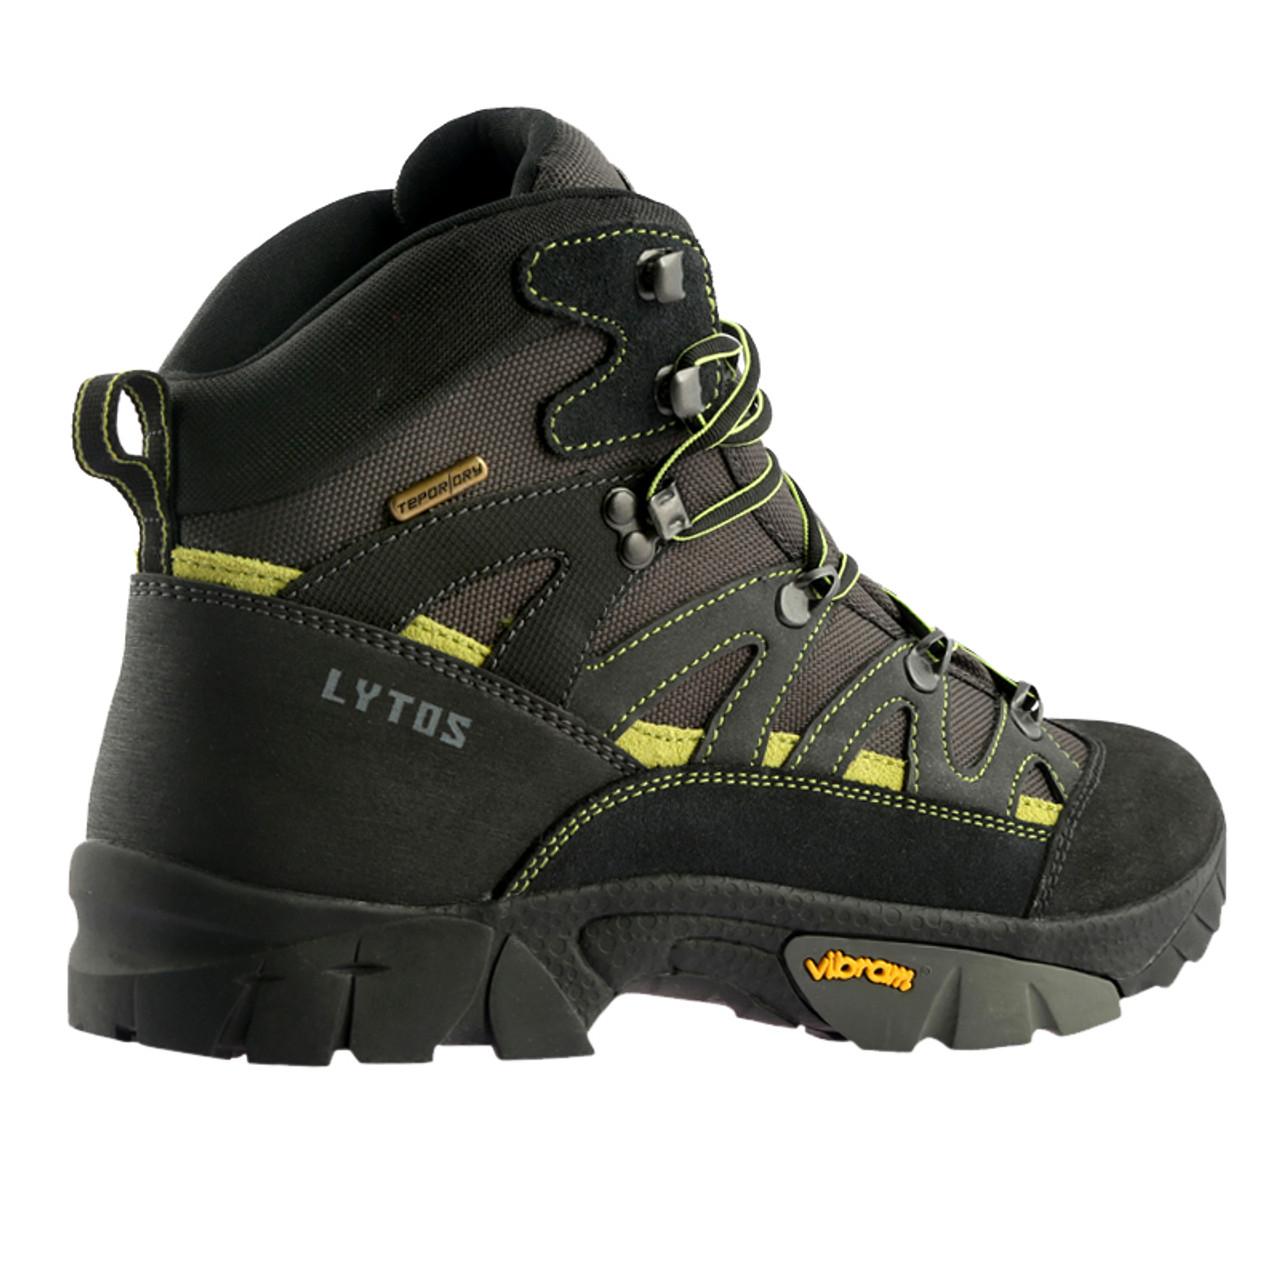 best waterproof trekking shoes online